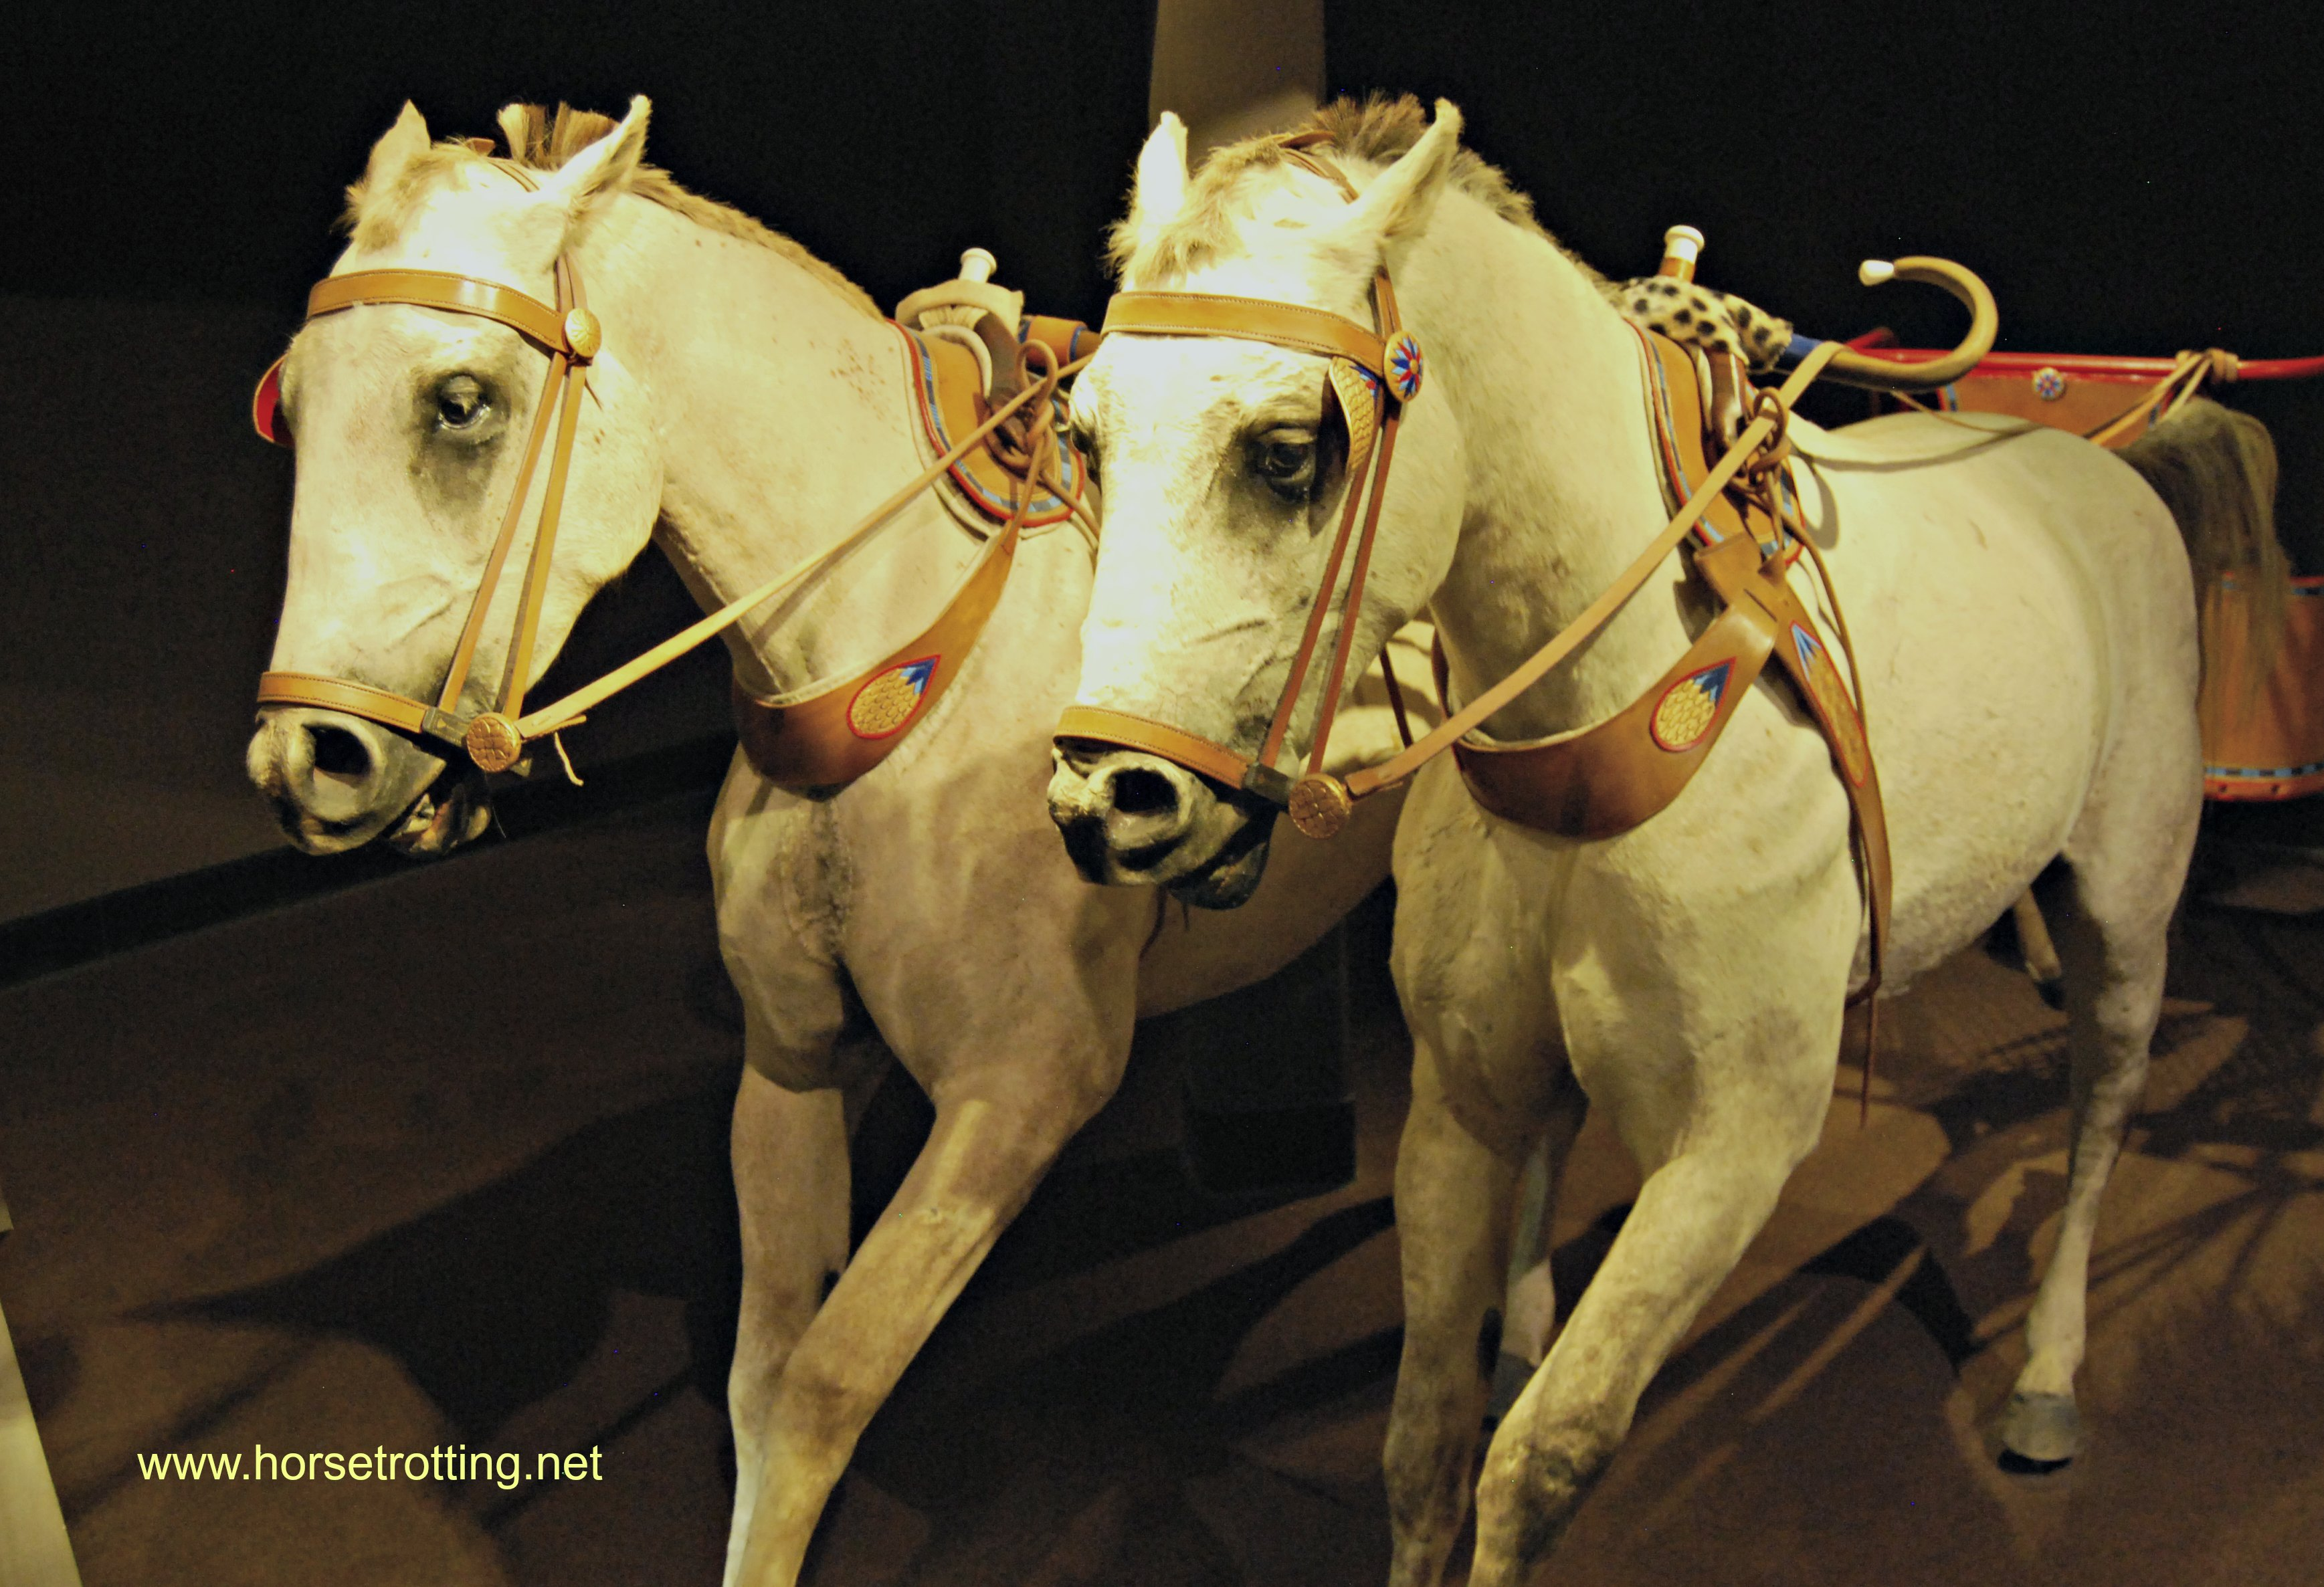 International Horse Museum, Lexington, Kentucky